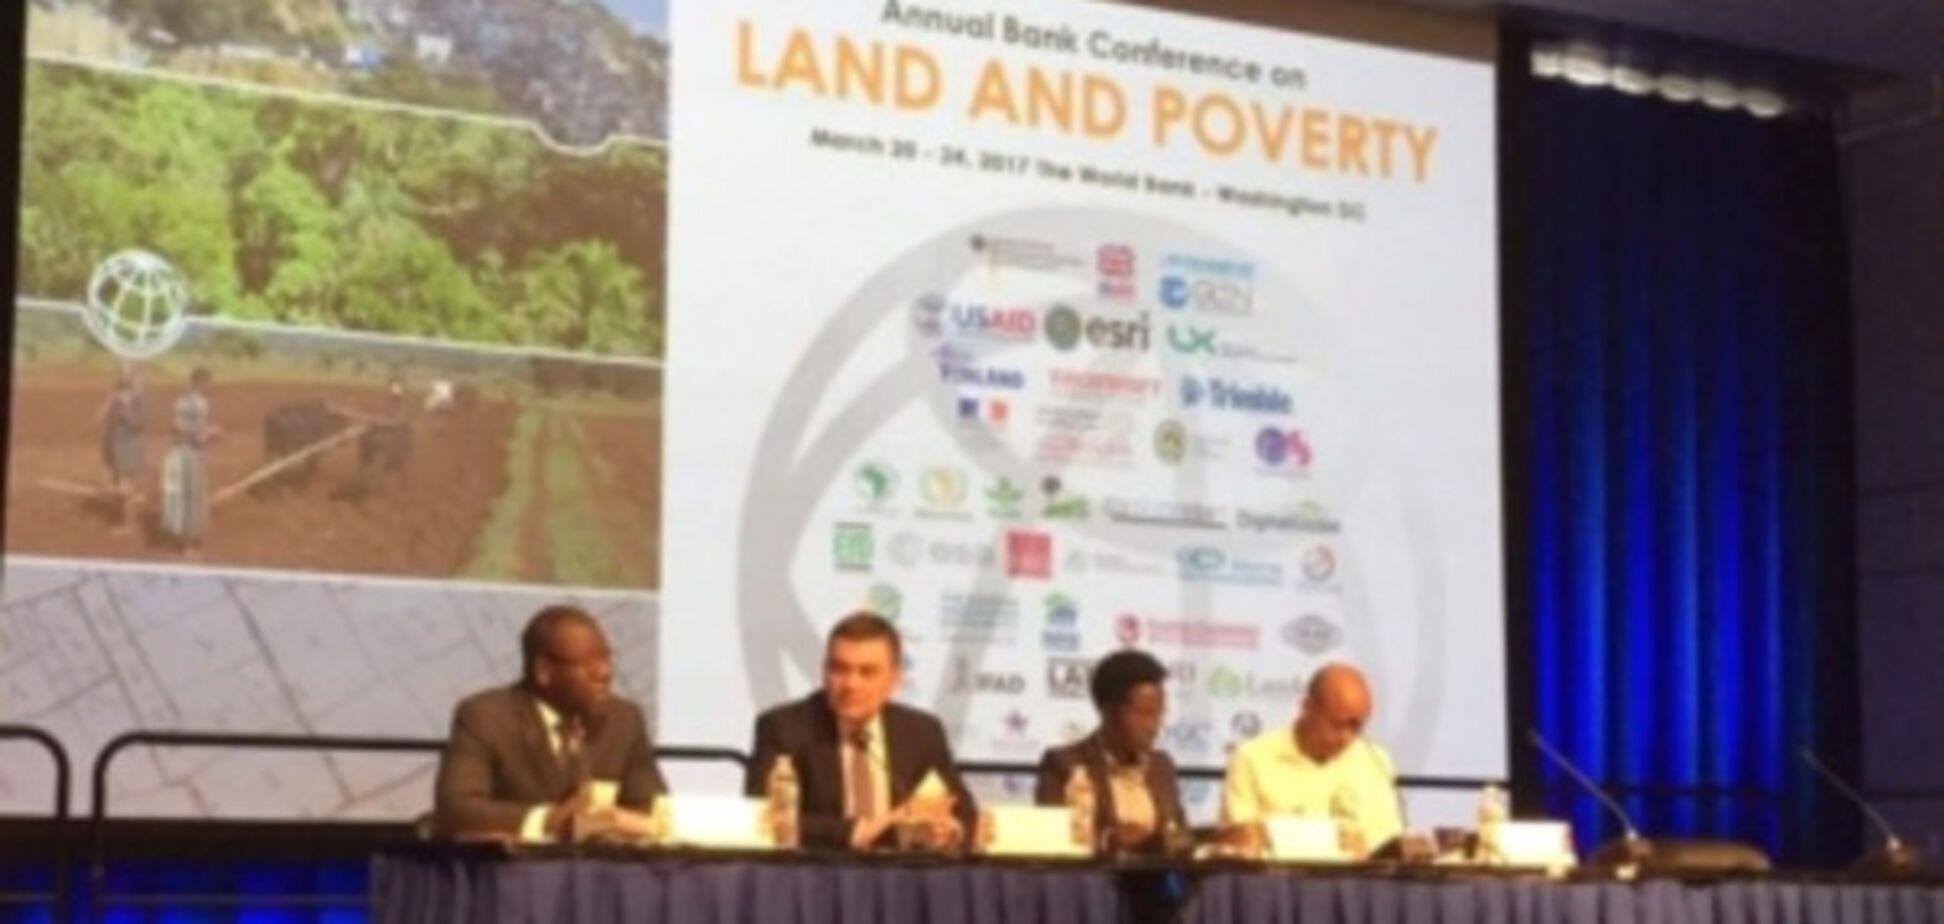 Міжнародні донори допомагають Україні підвищити ефективність управління земельними ресурсами - Мартинюк